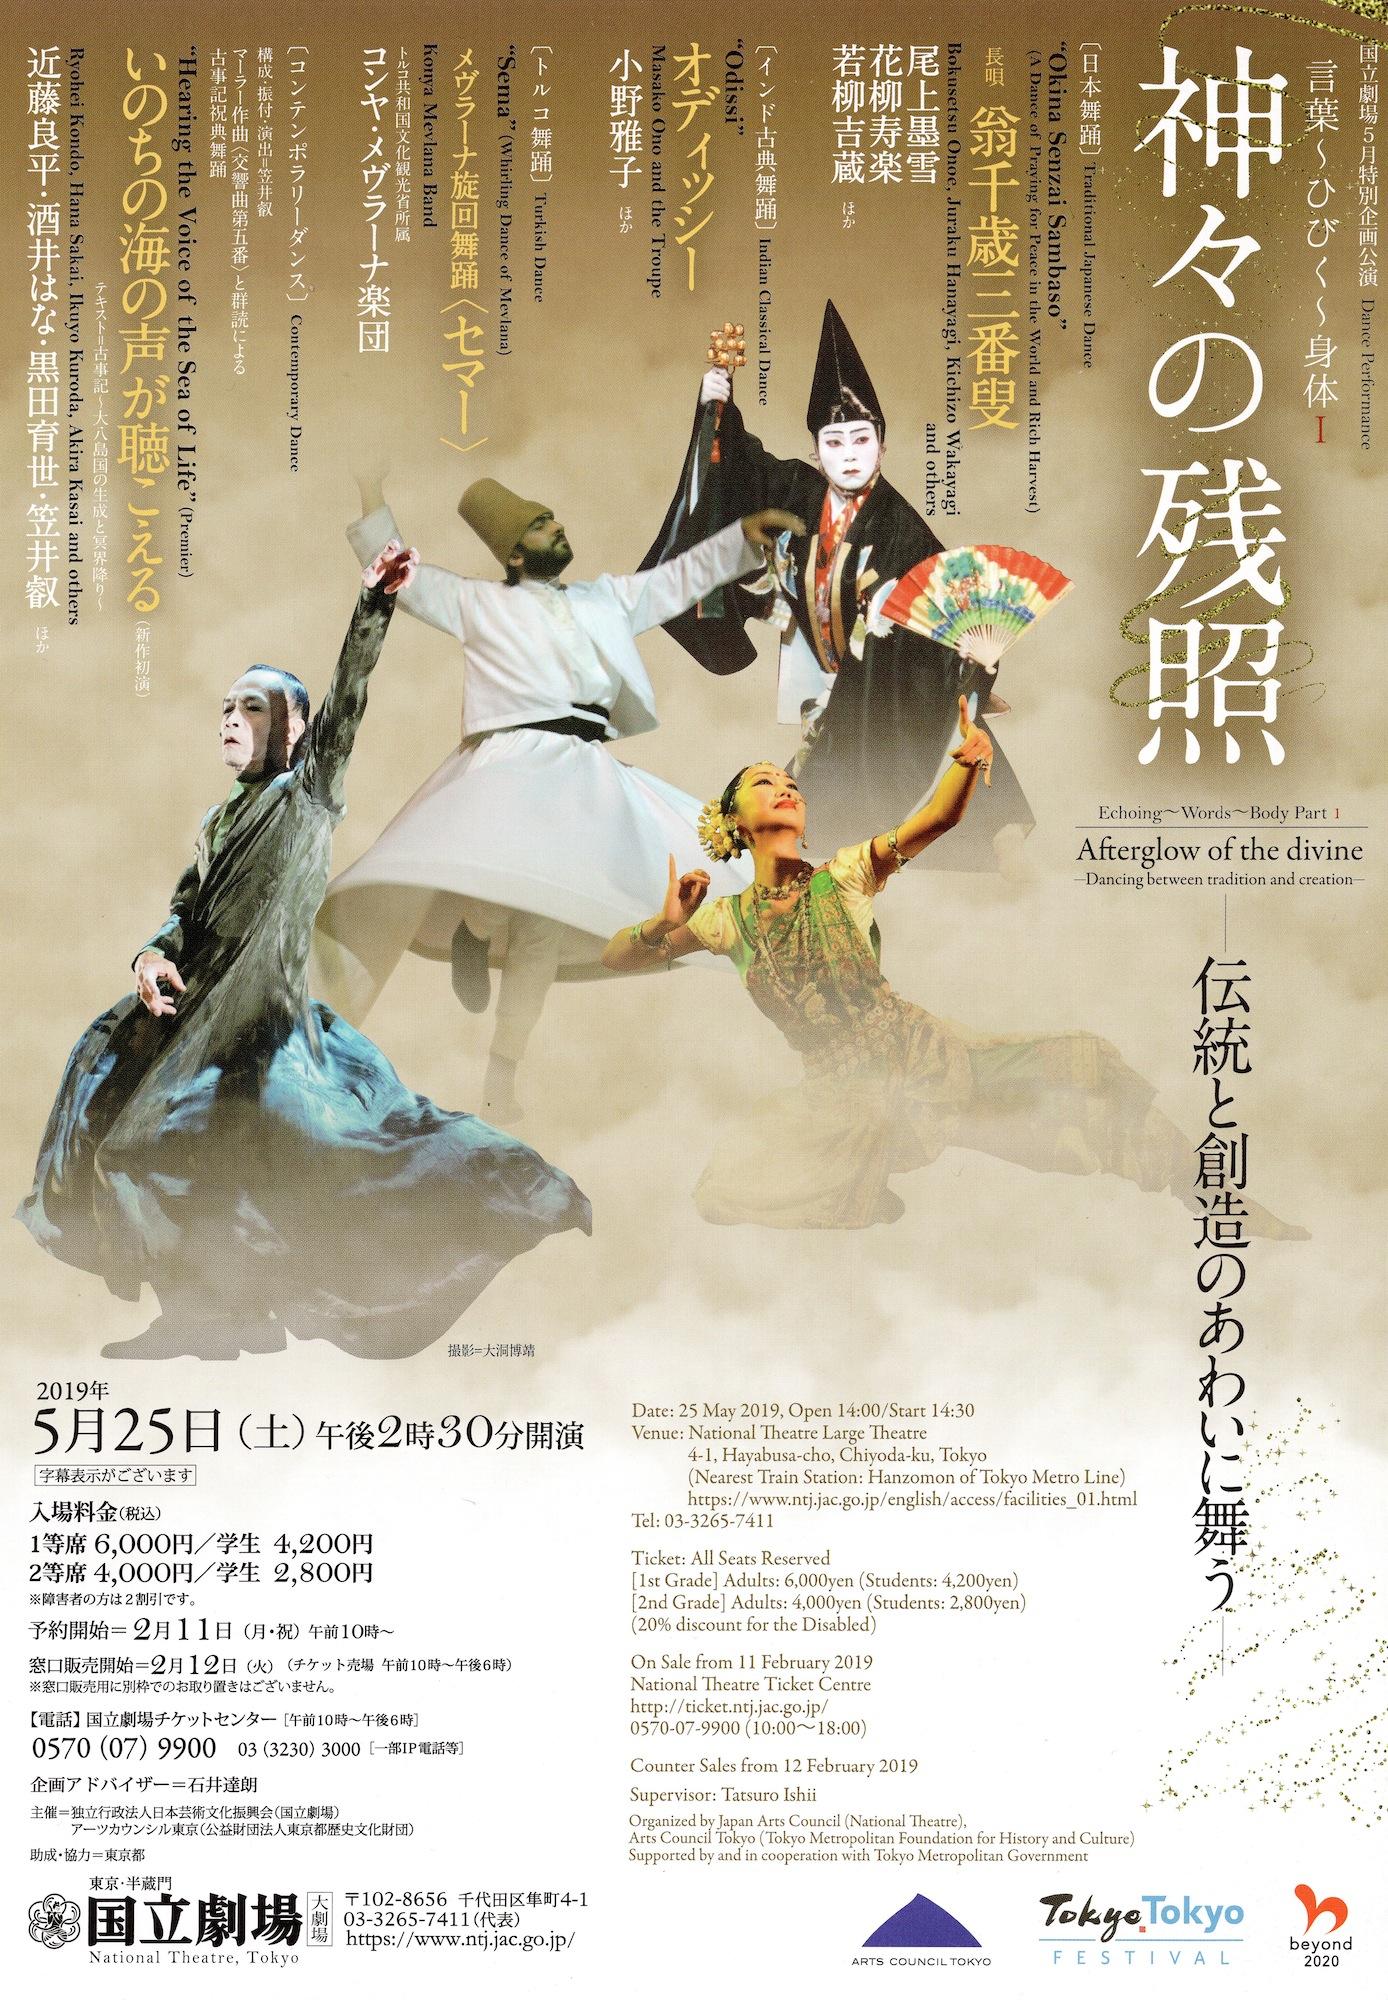 国立劇場5月特別企画公演「神々の残照」